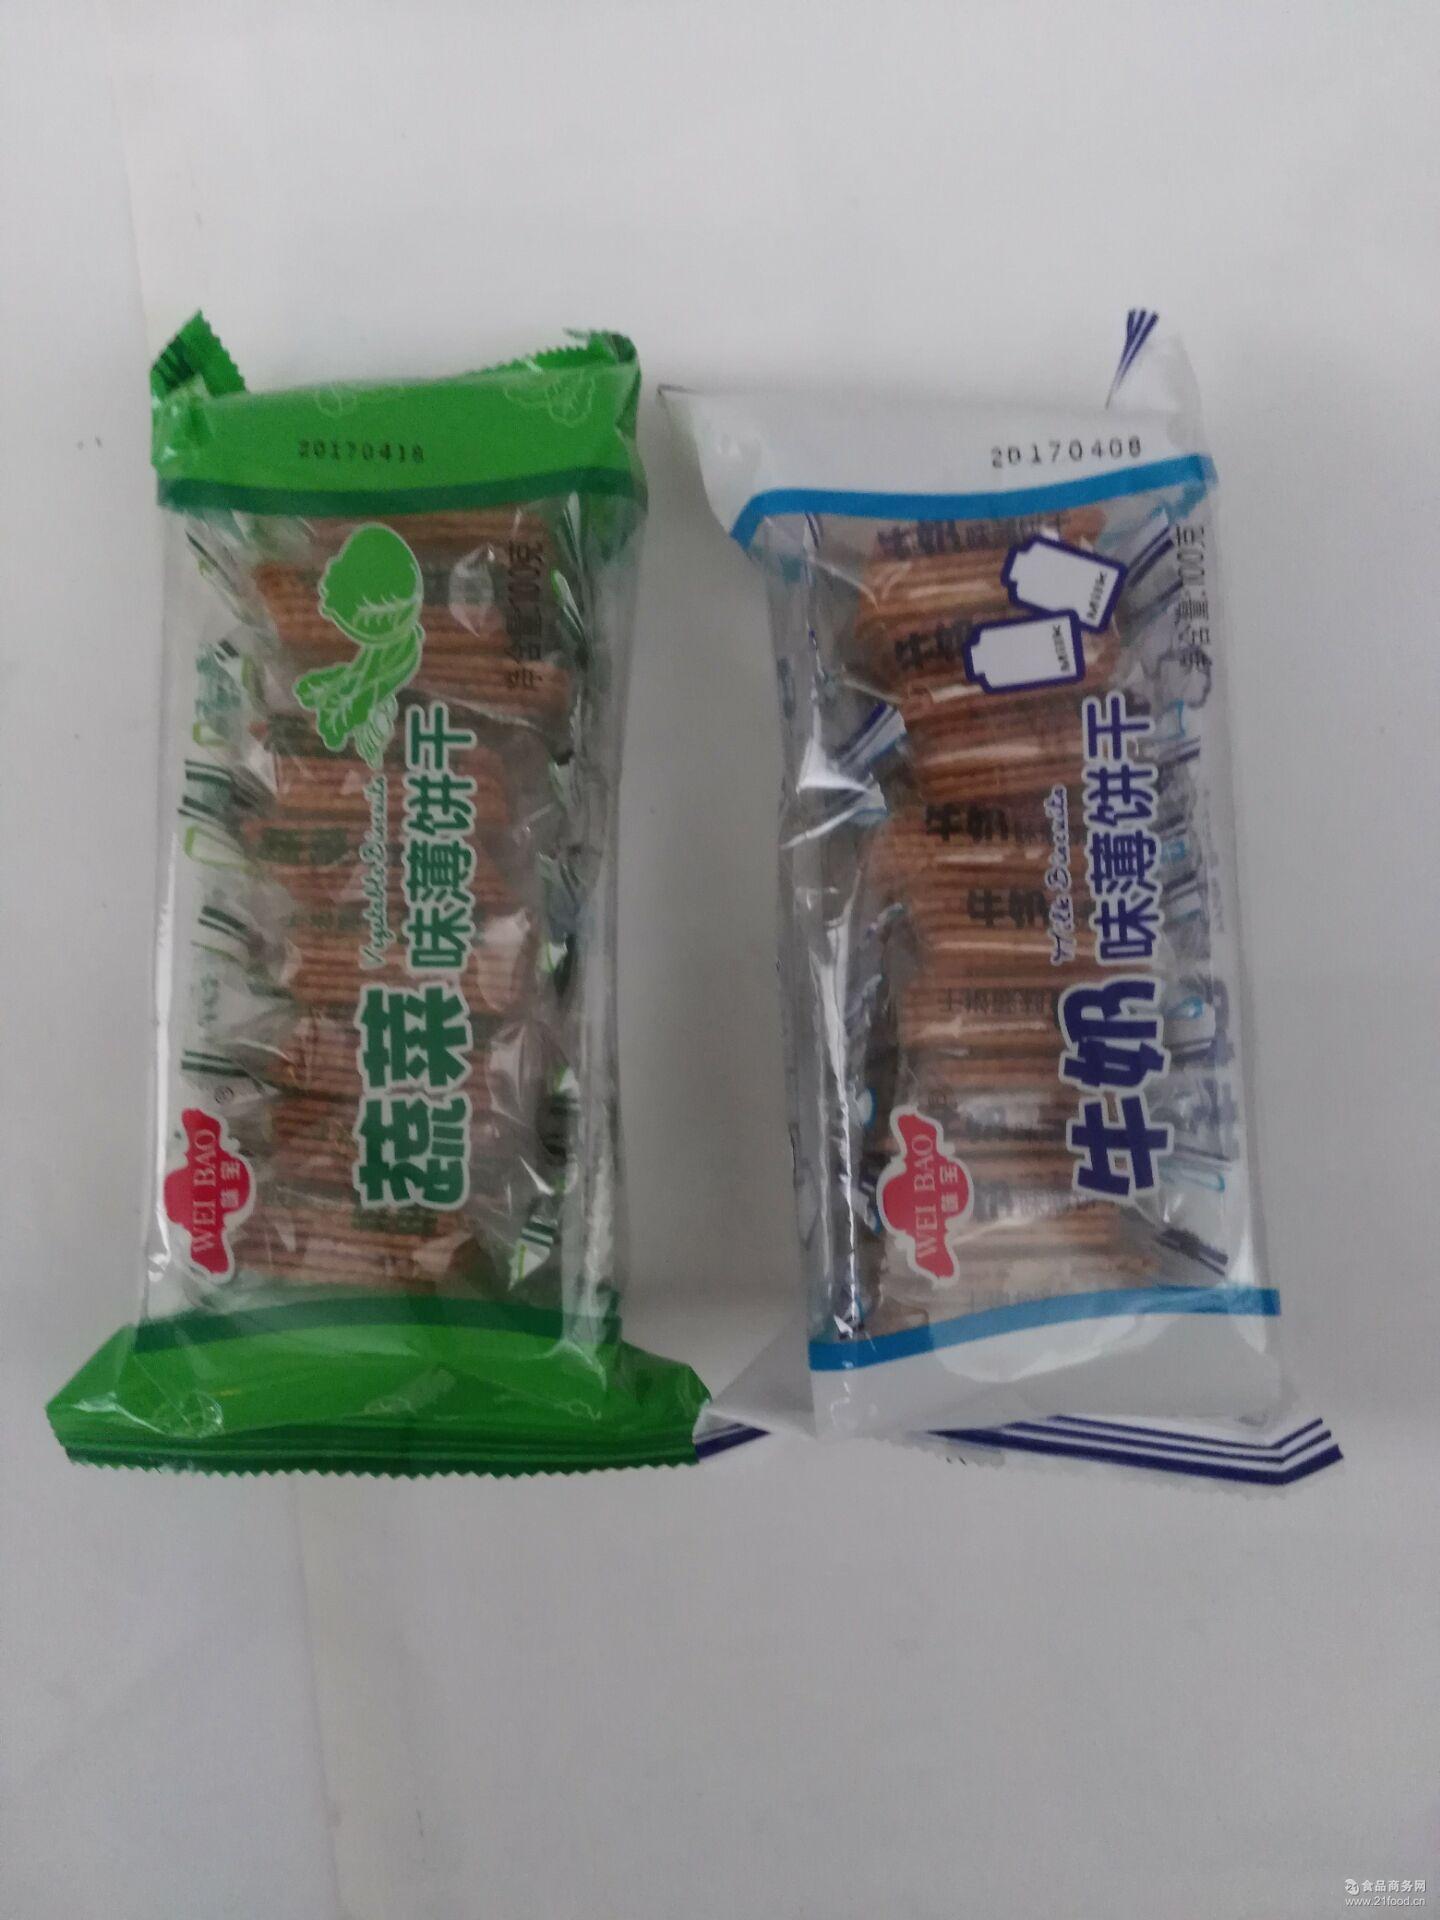 味宝100g薄饼牛奶味/蔬菜味休闲零食广东深圳食品批发量大优惠